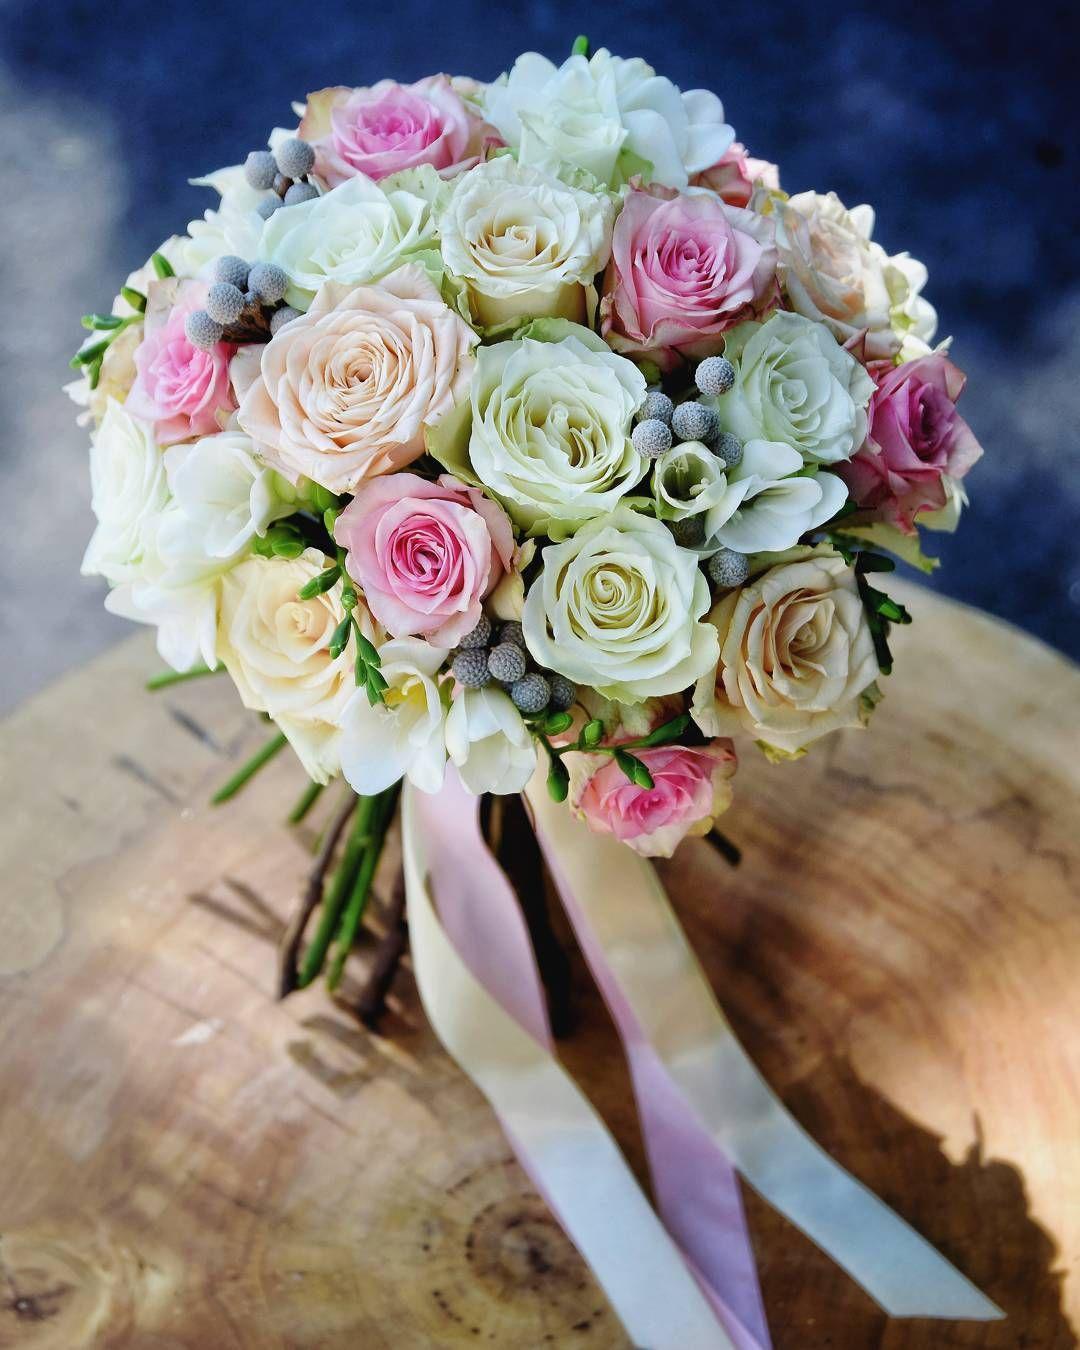 Rozanie Pastelowo I Pachnaco Czyli Kolejna Realizacja Slubna Minionego Weekendu Fot Monikabartz Buki Bridal Bouquet Wedding Flowers Flowers Bouquet